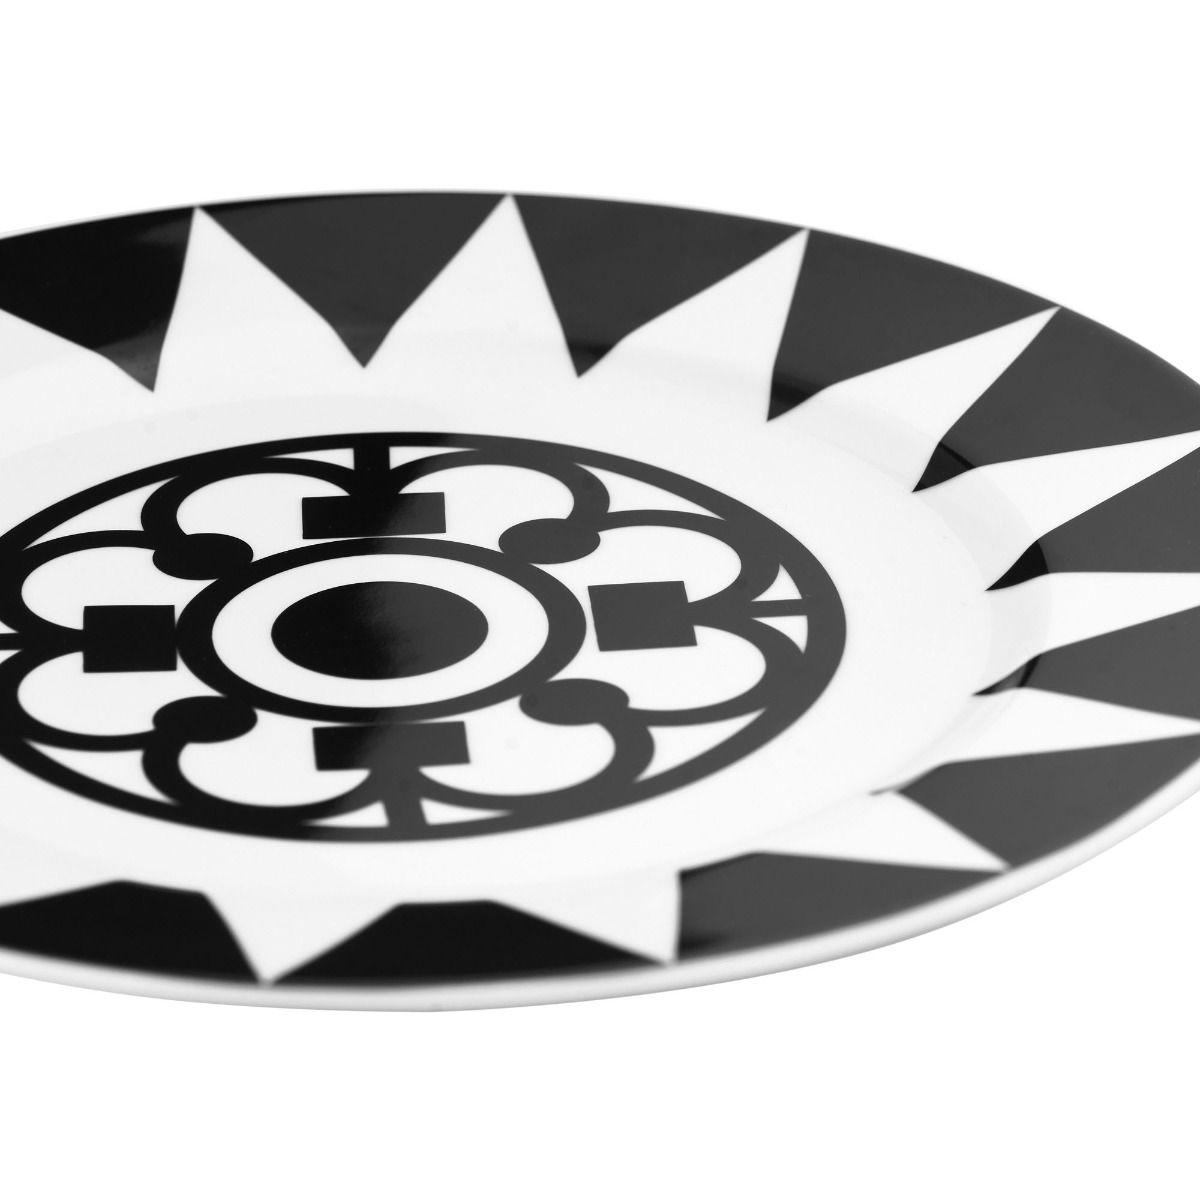 Talerz Milano II śr. 26 cm black